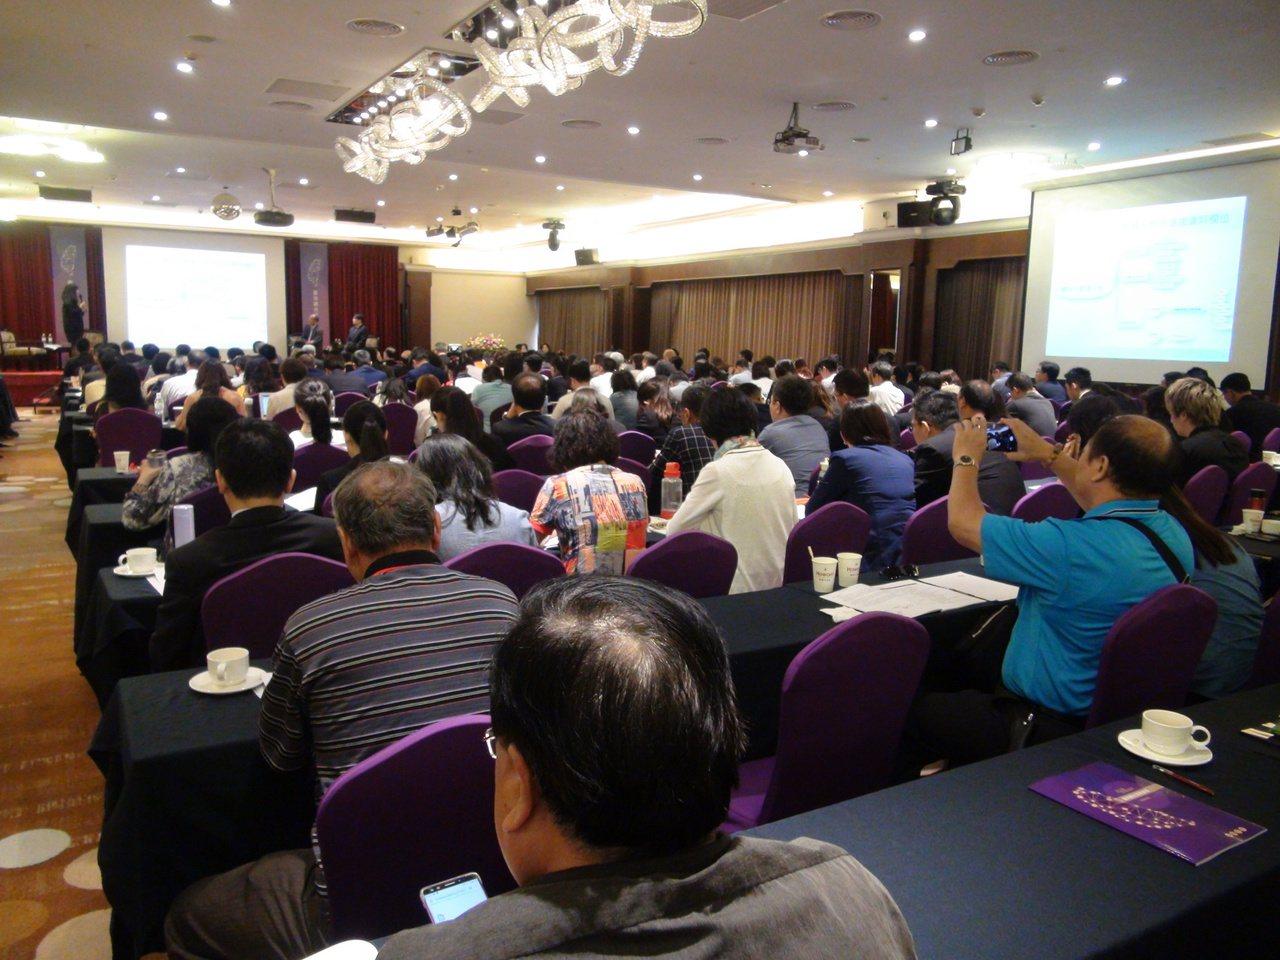 第五屆台灣觀光發展論壇今日在台中舉行,吸引國內重量級產官學領域專家報名參加。記者...